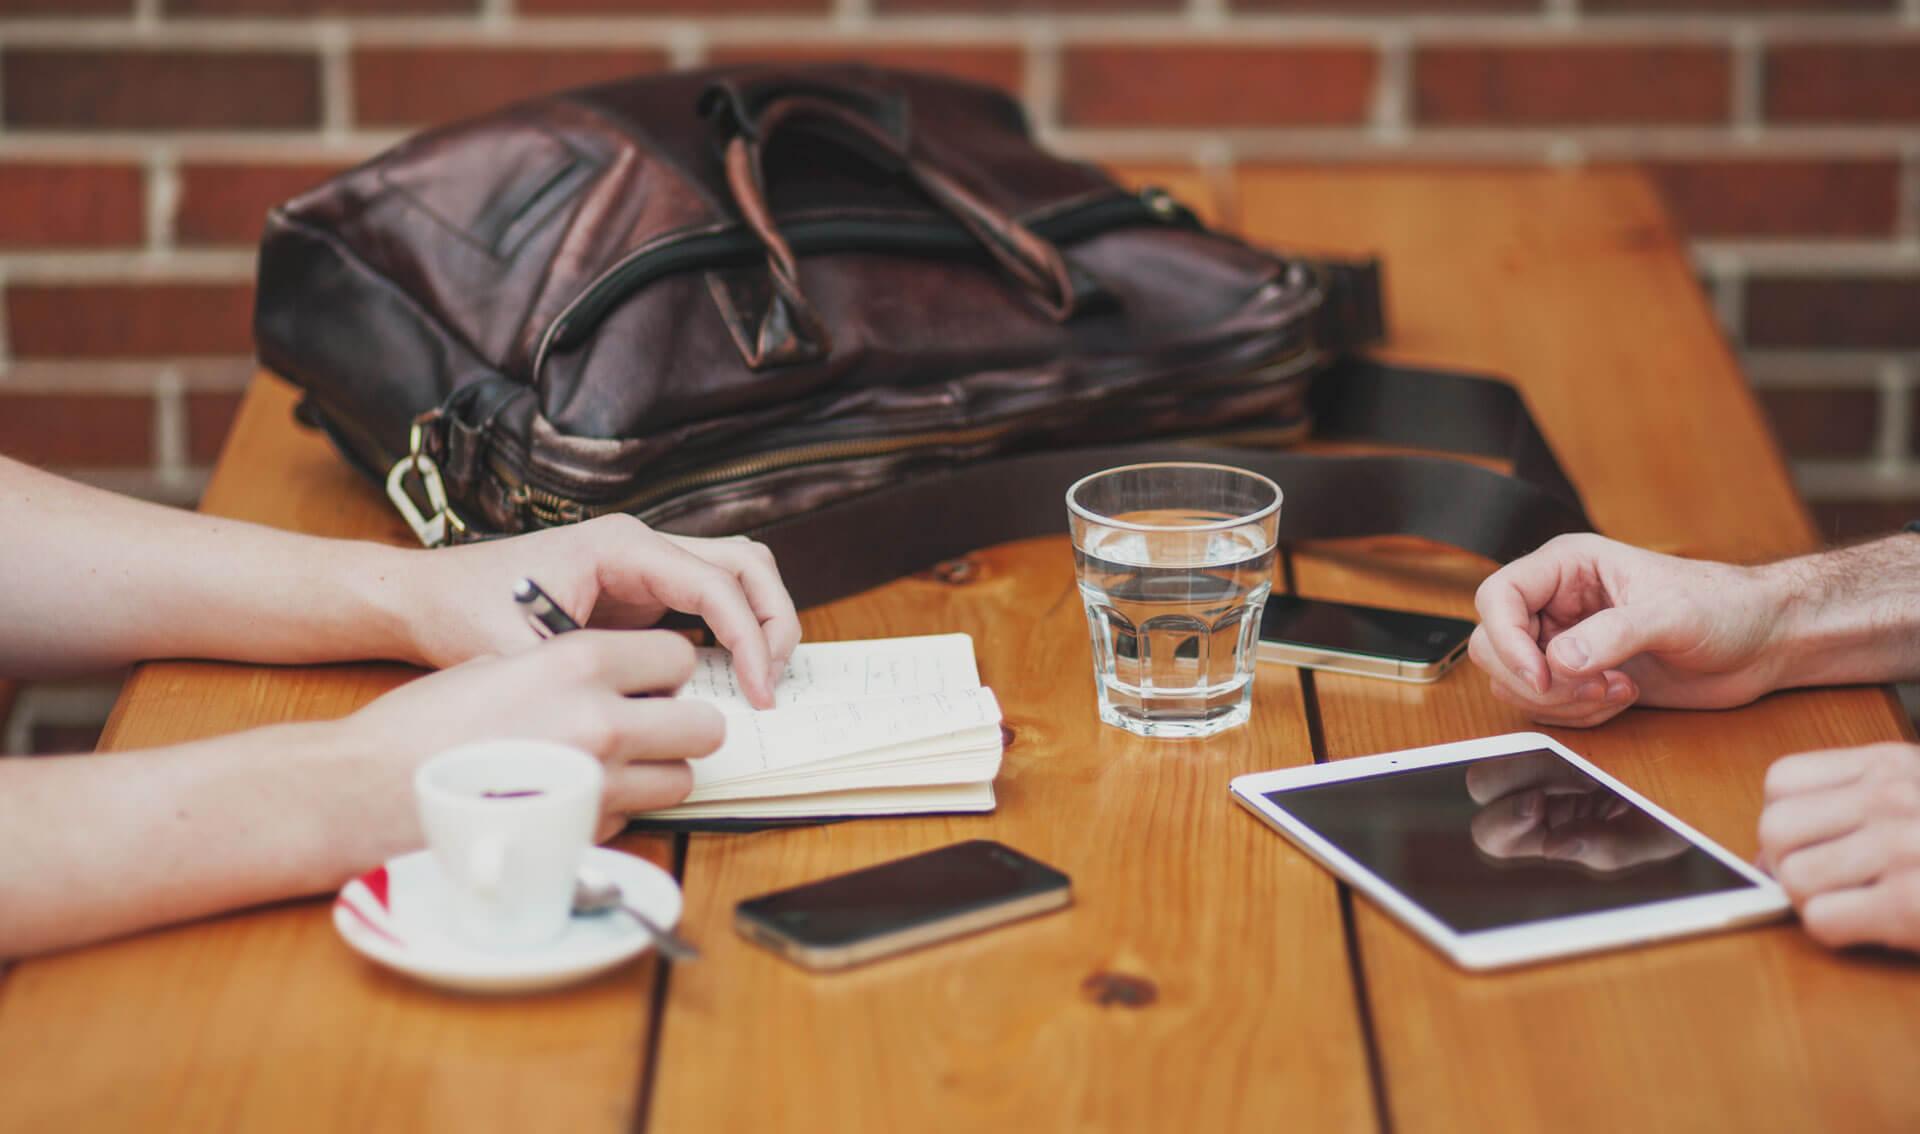 erfolgreich bloggen - wie viele können wirklich davon leben?